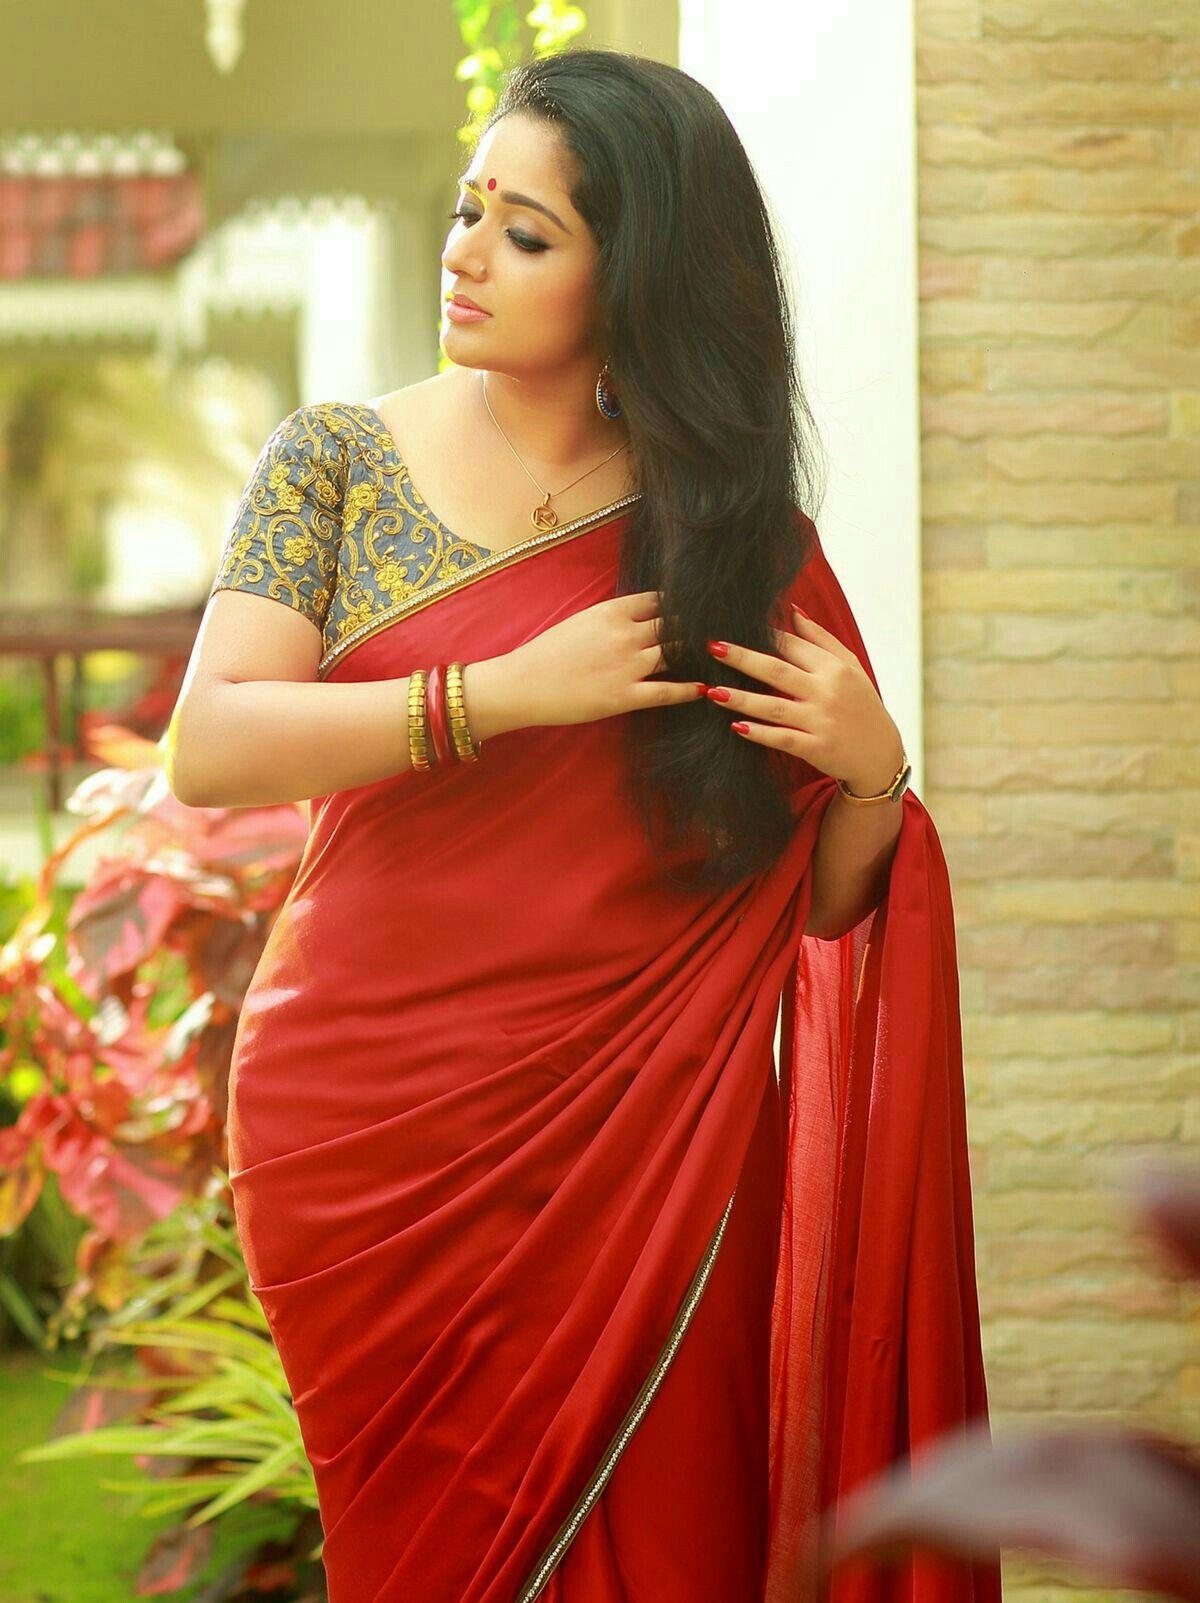 Kavya Madhvan  Sarees  Saree Shopping, Red Saree, Saree